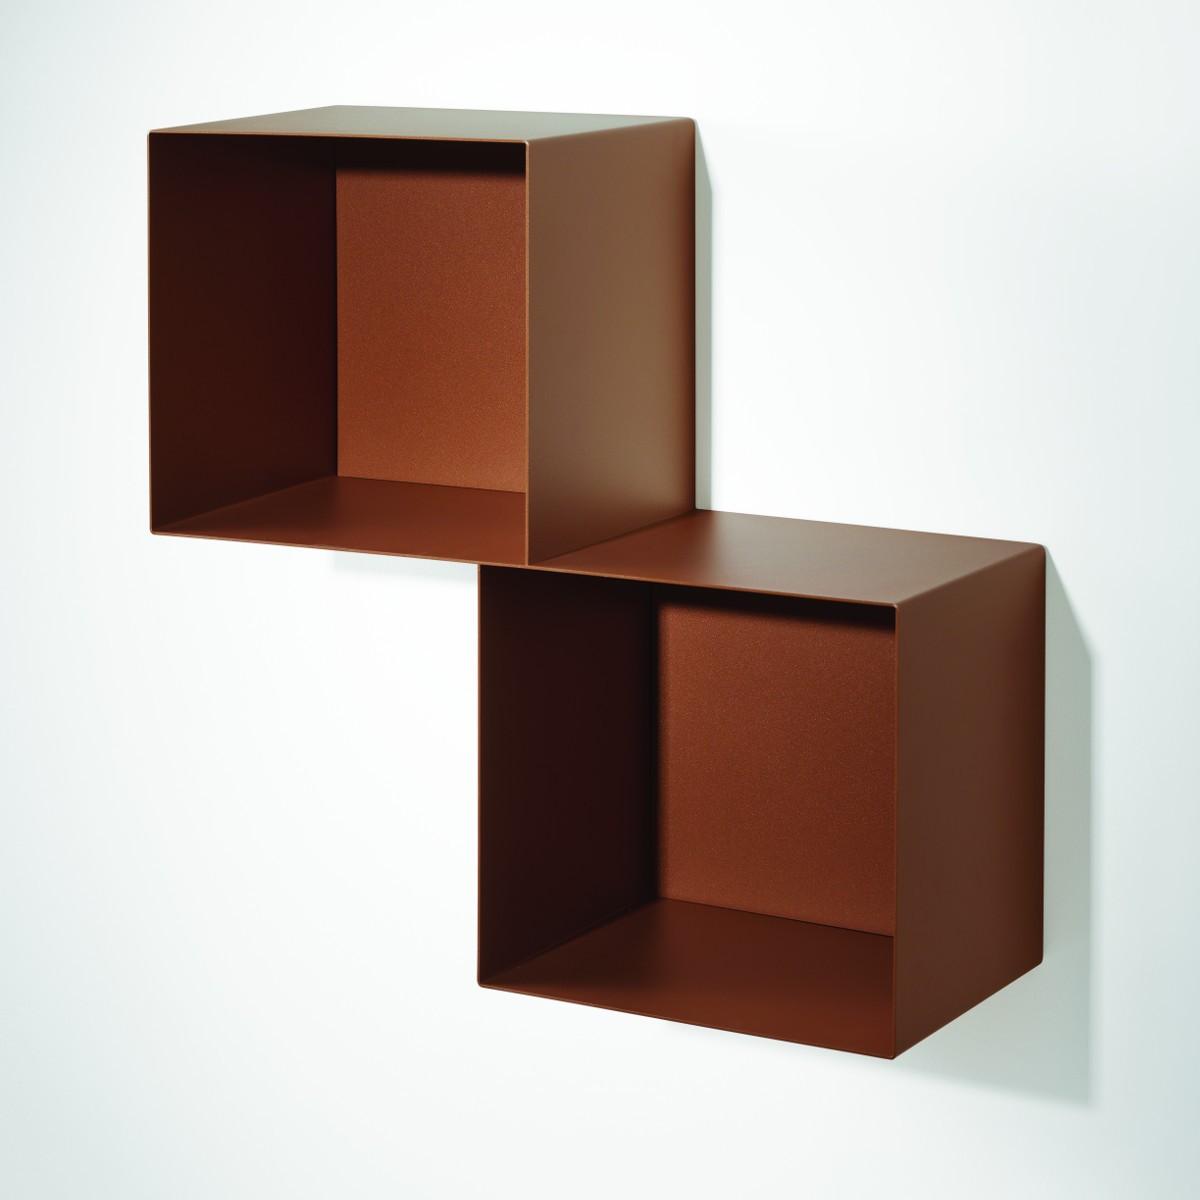 Mensole cubo da parete in acciaio design moderno twin - Mensole da parete design ...